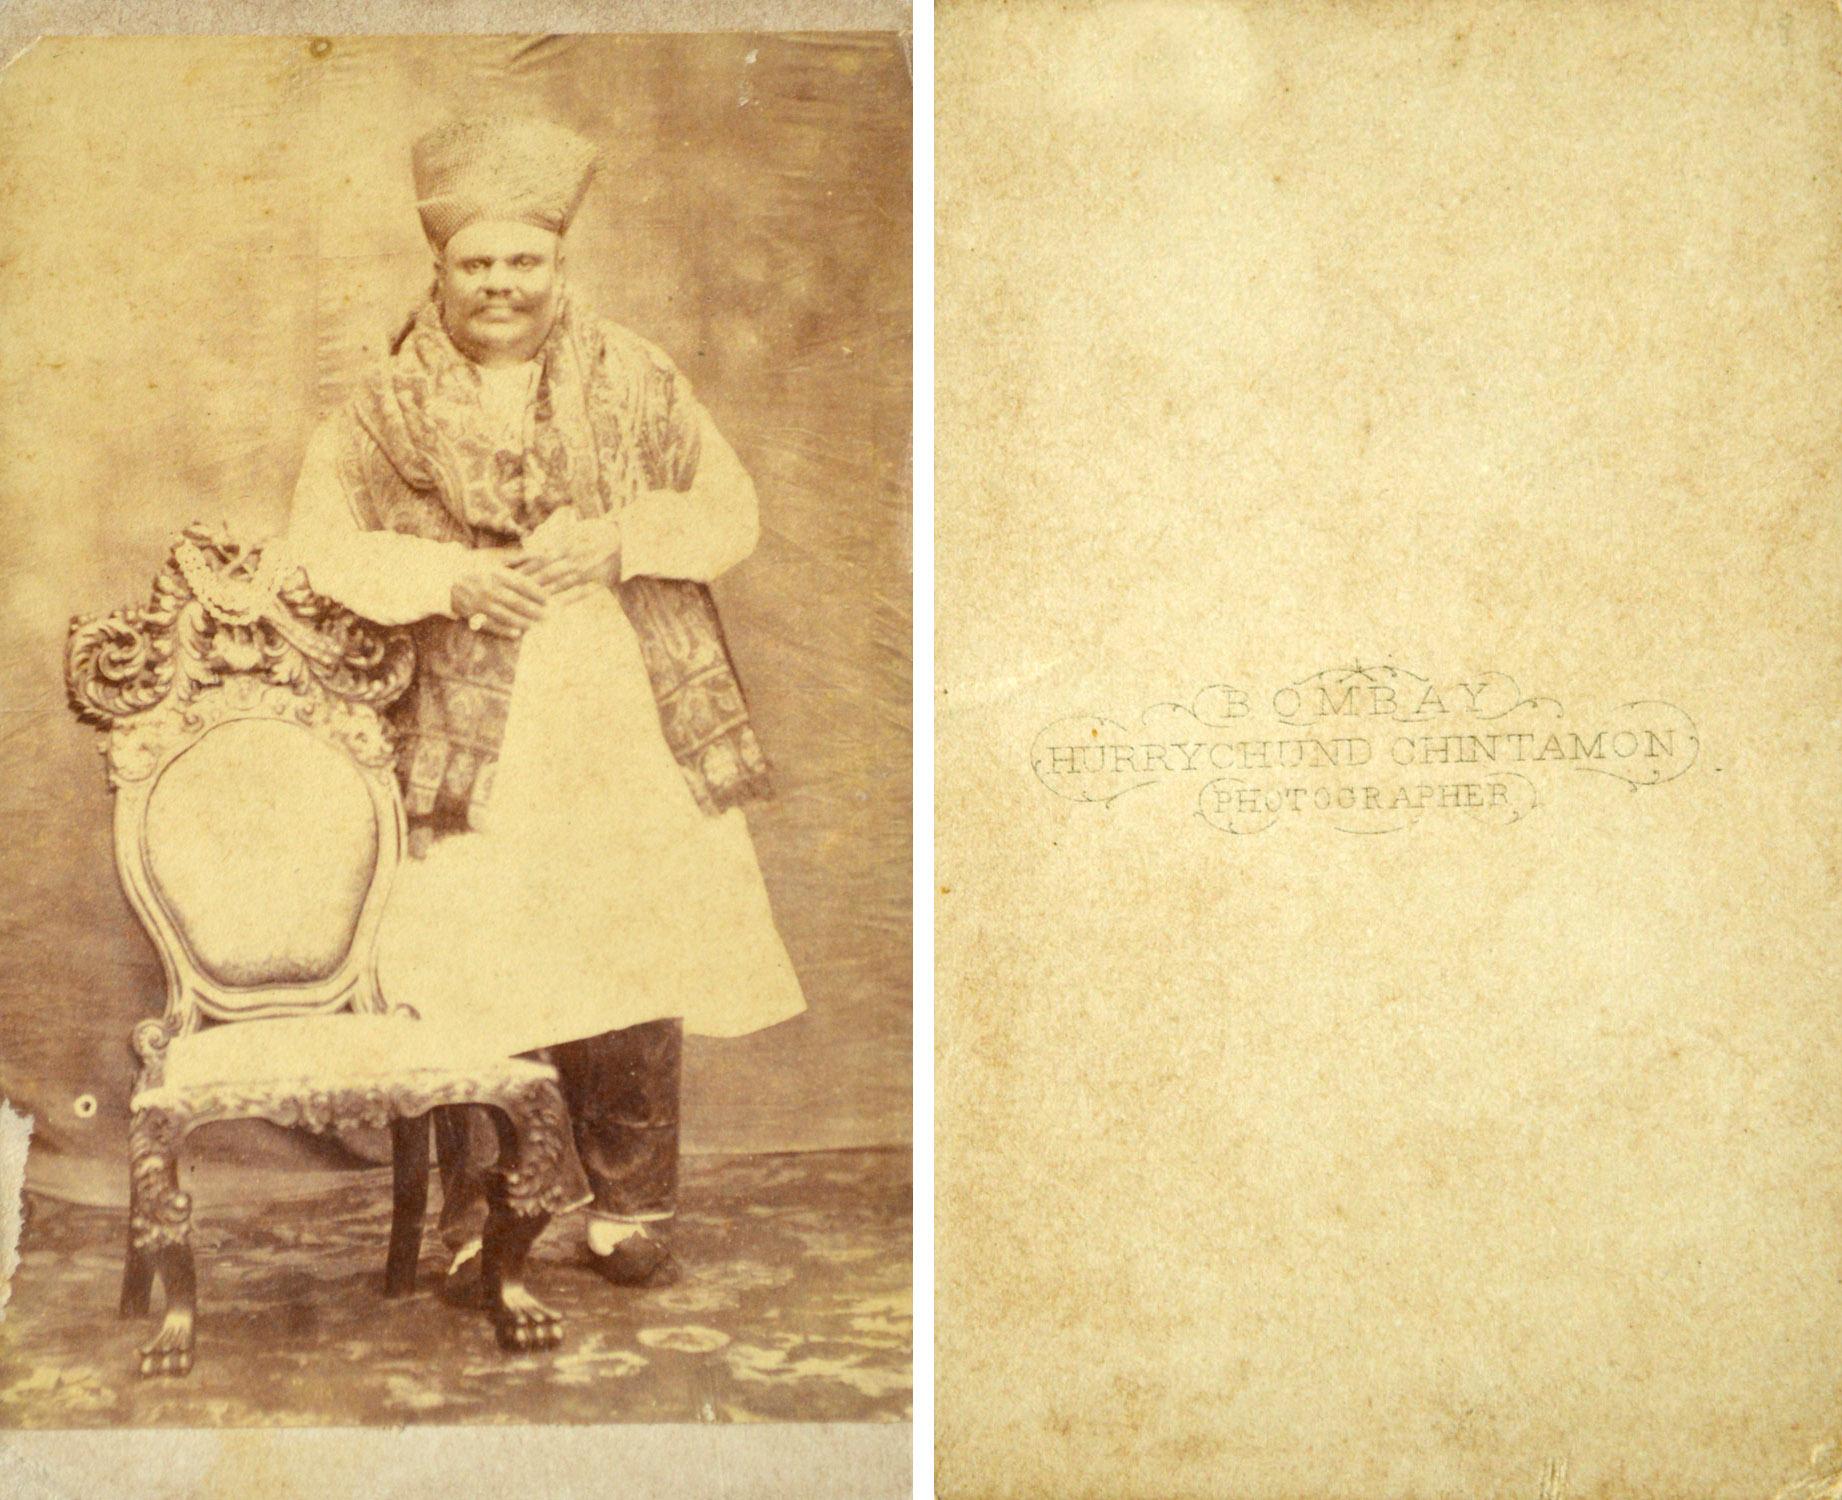 Rustomjee Jamsetjee Jejeebhoy